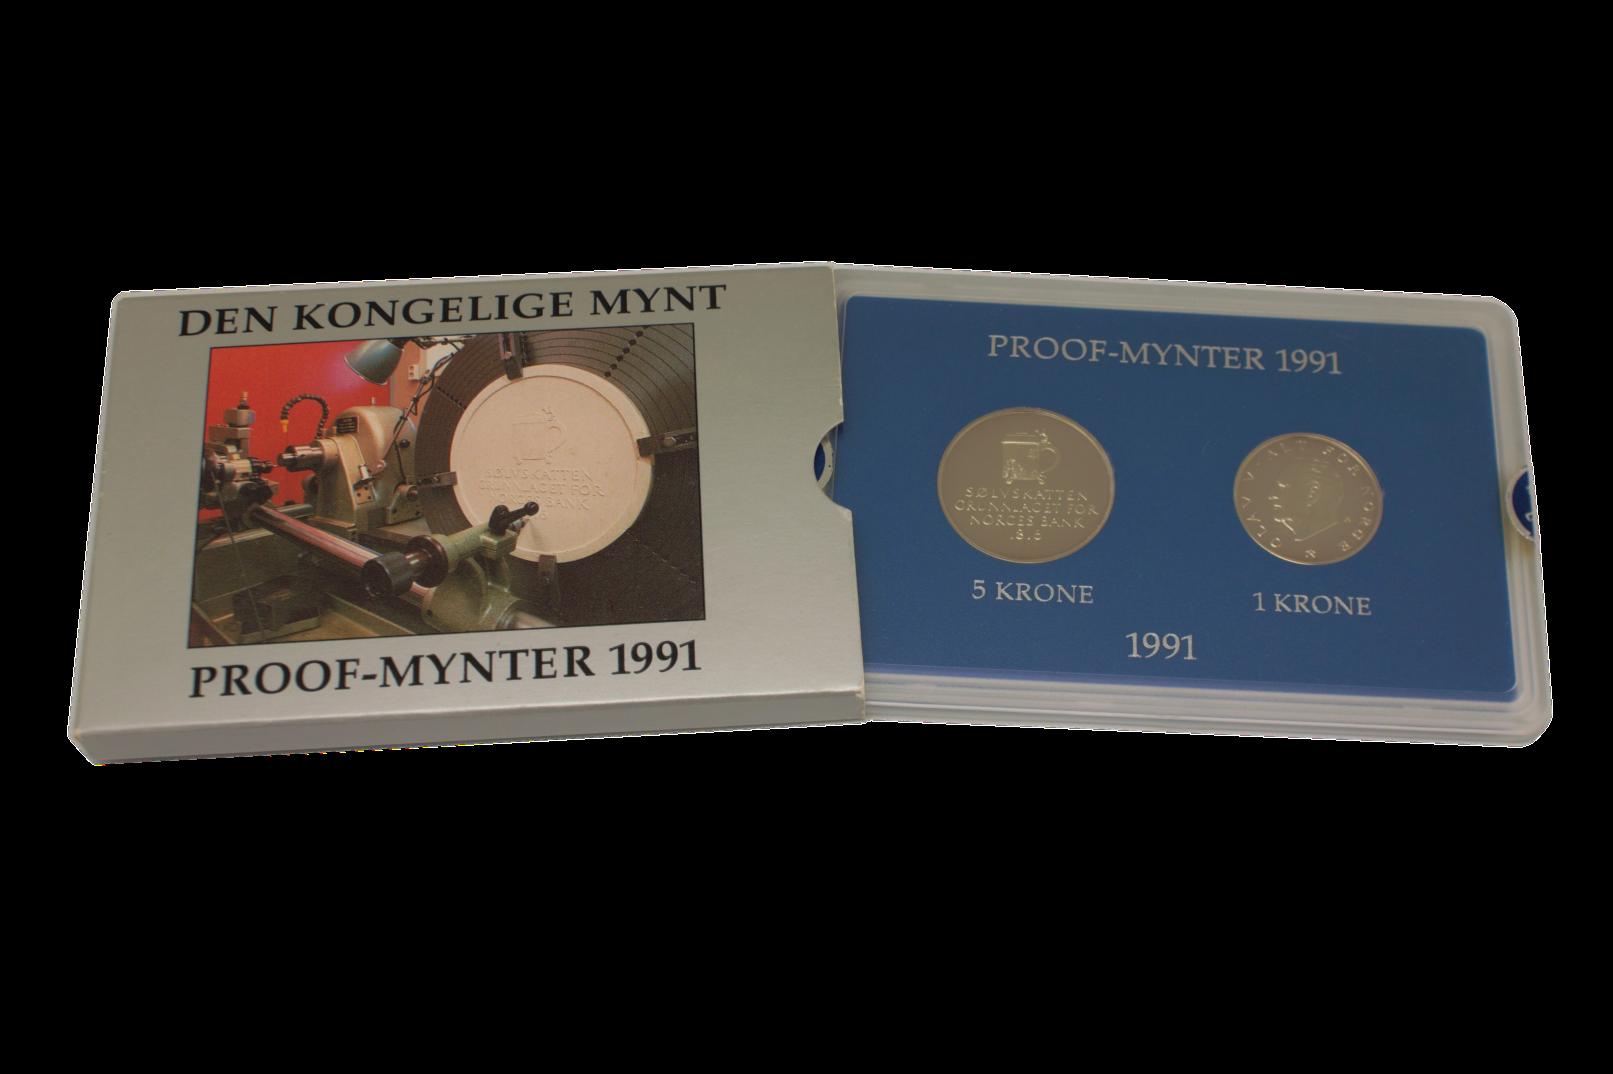 Proofsett 1991 komplett